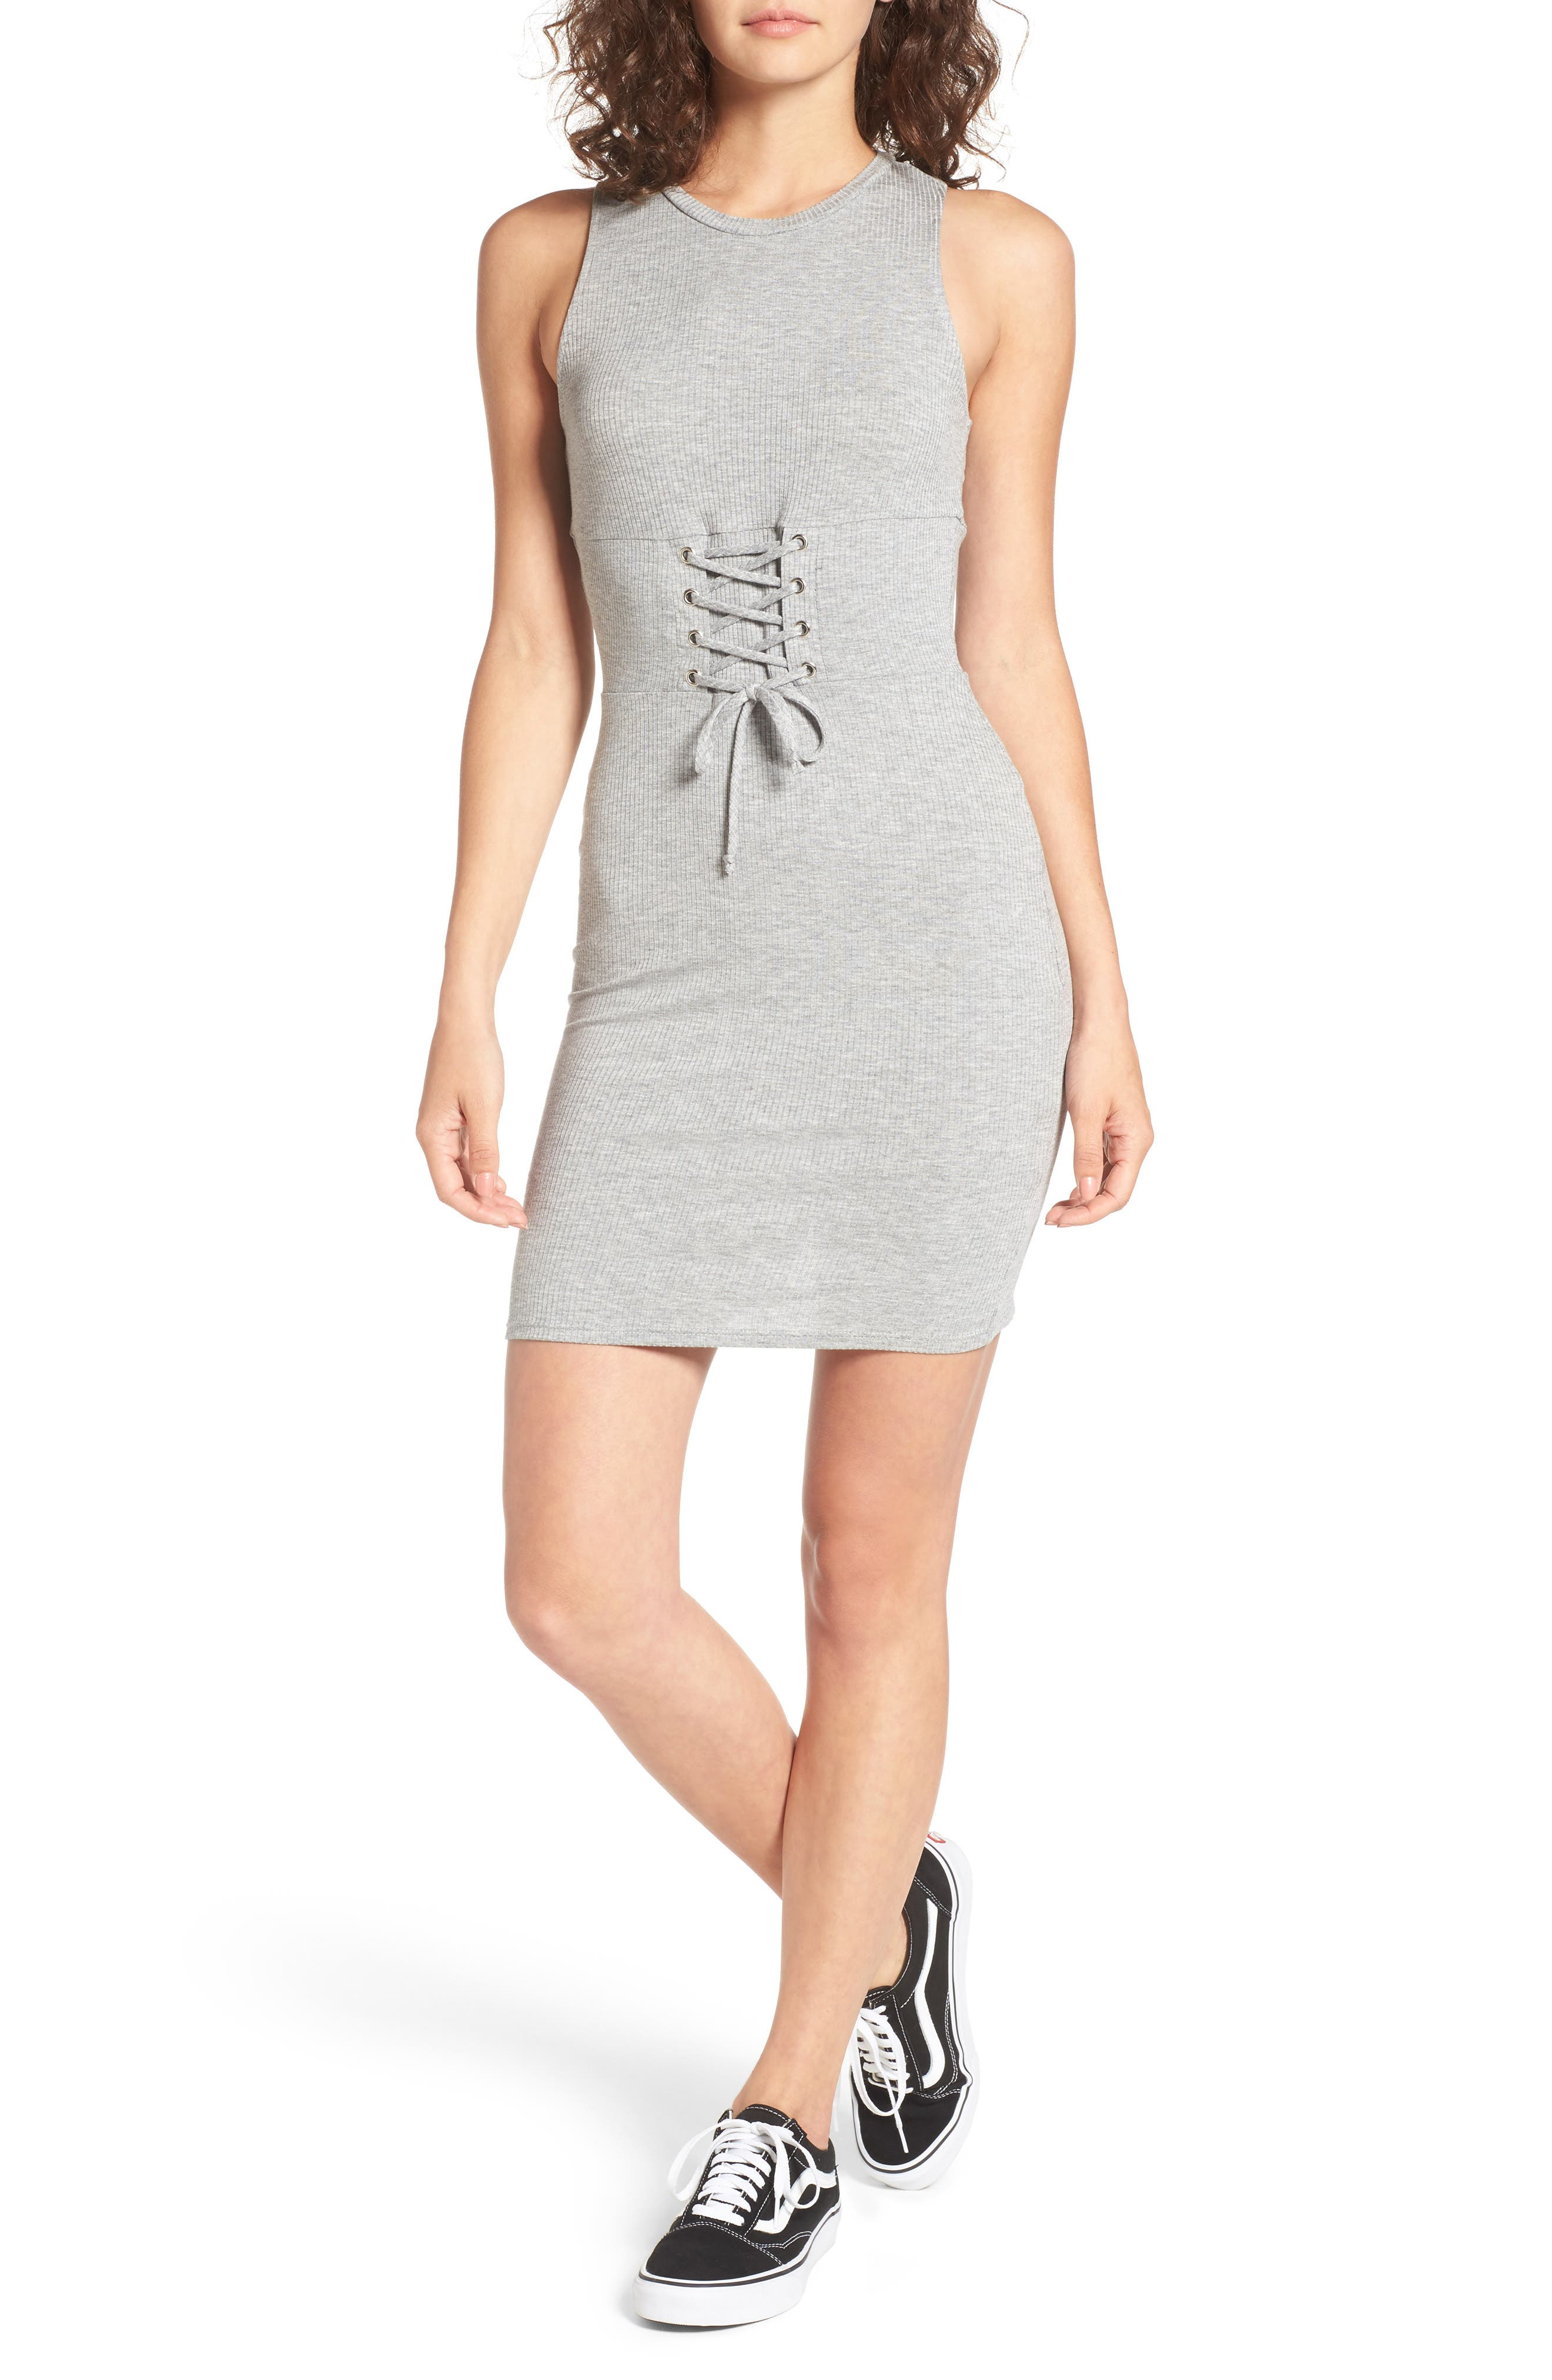 Dee Elly Corset Tank Dress